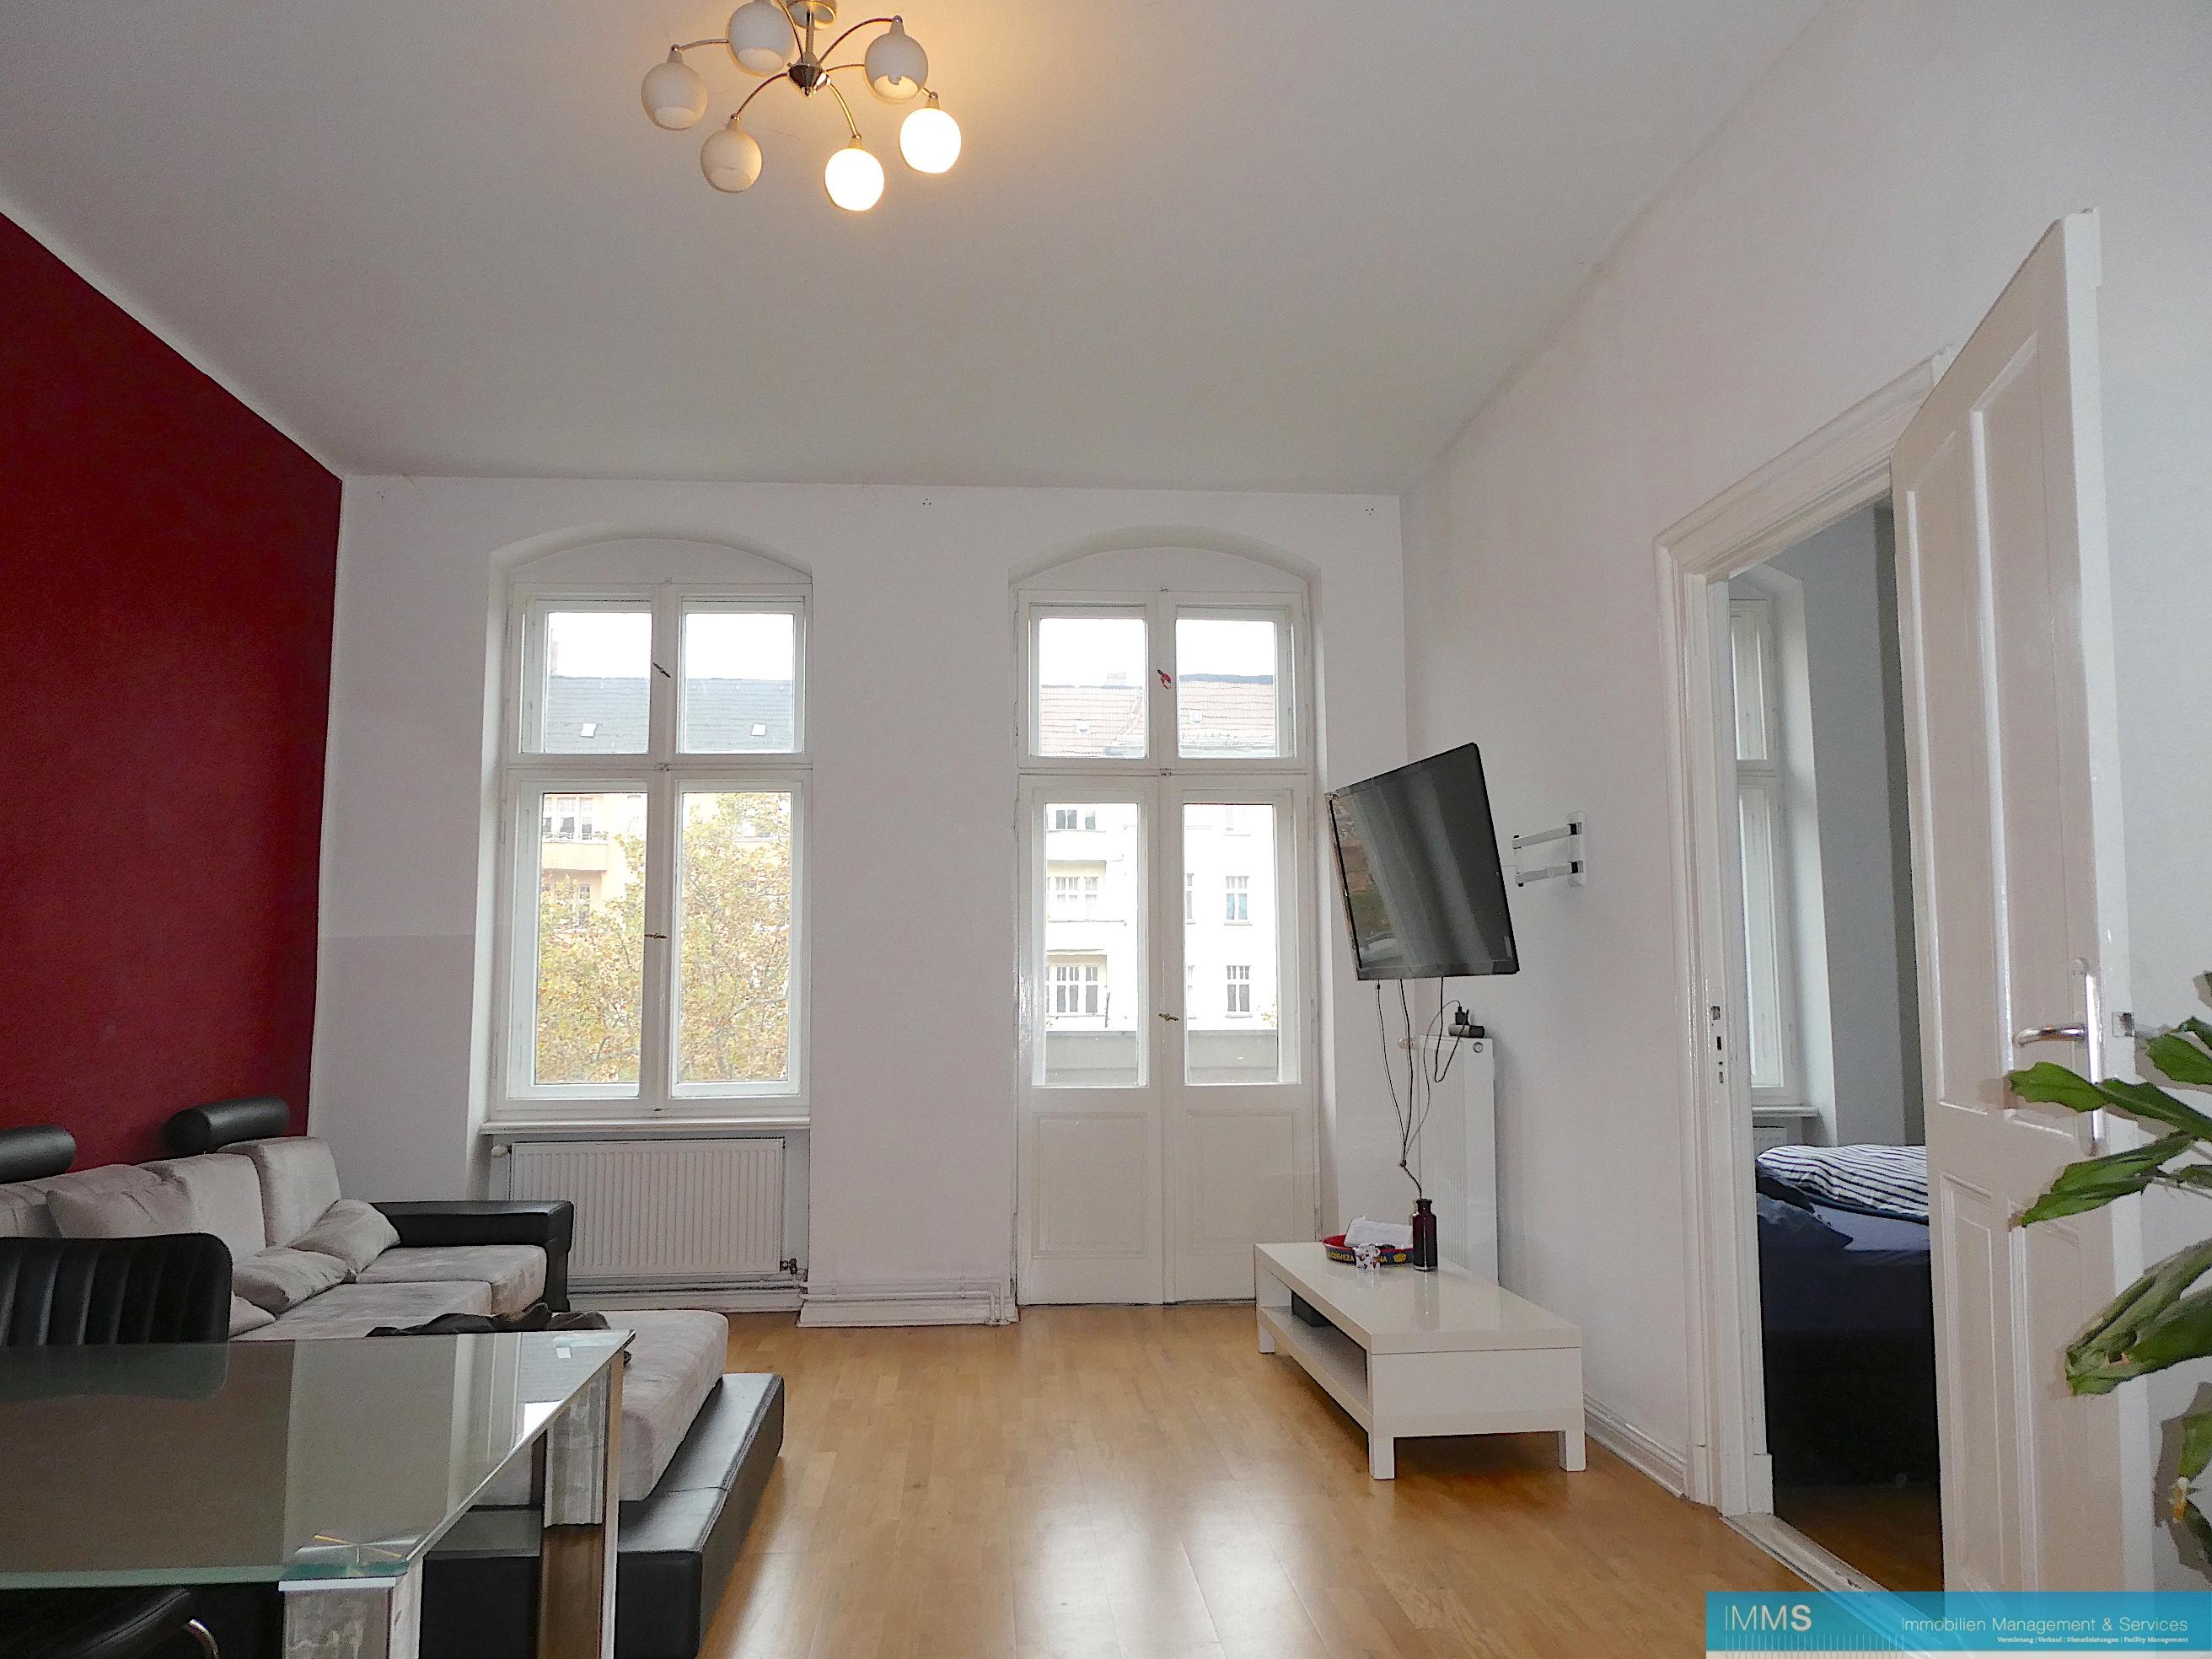 Berlin-Prenzlauer Berg  16-Zimmer-Altbau-Wohnung  ca. 16 m² – IMMS